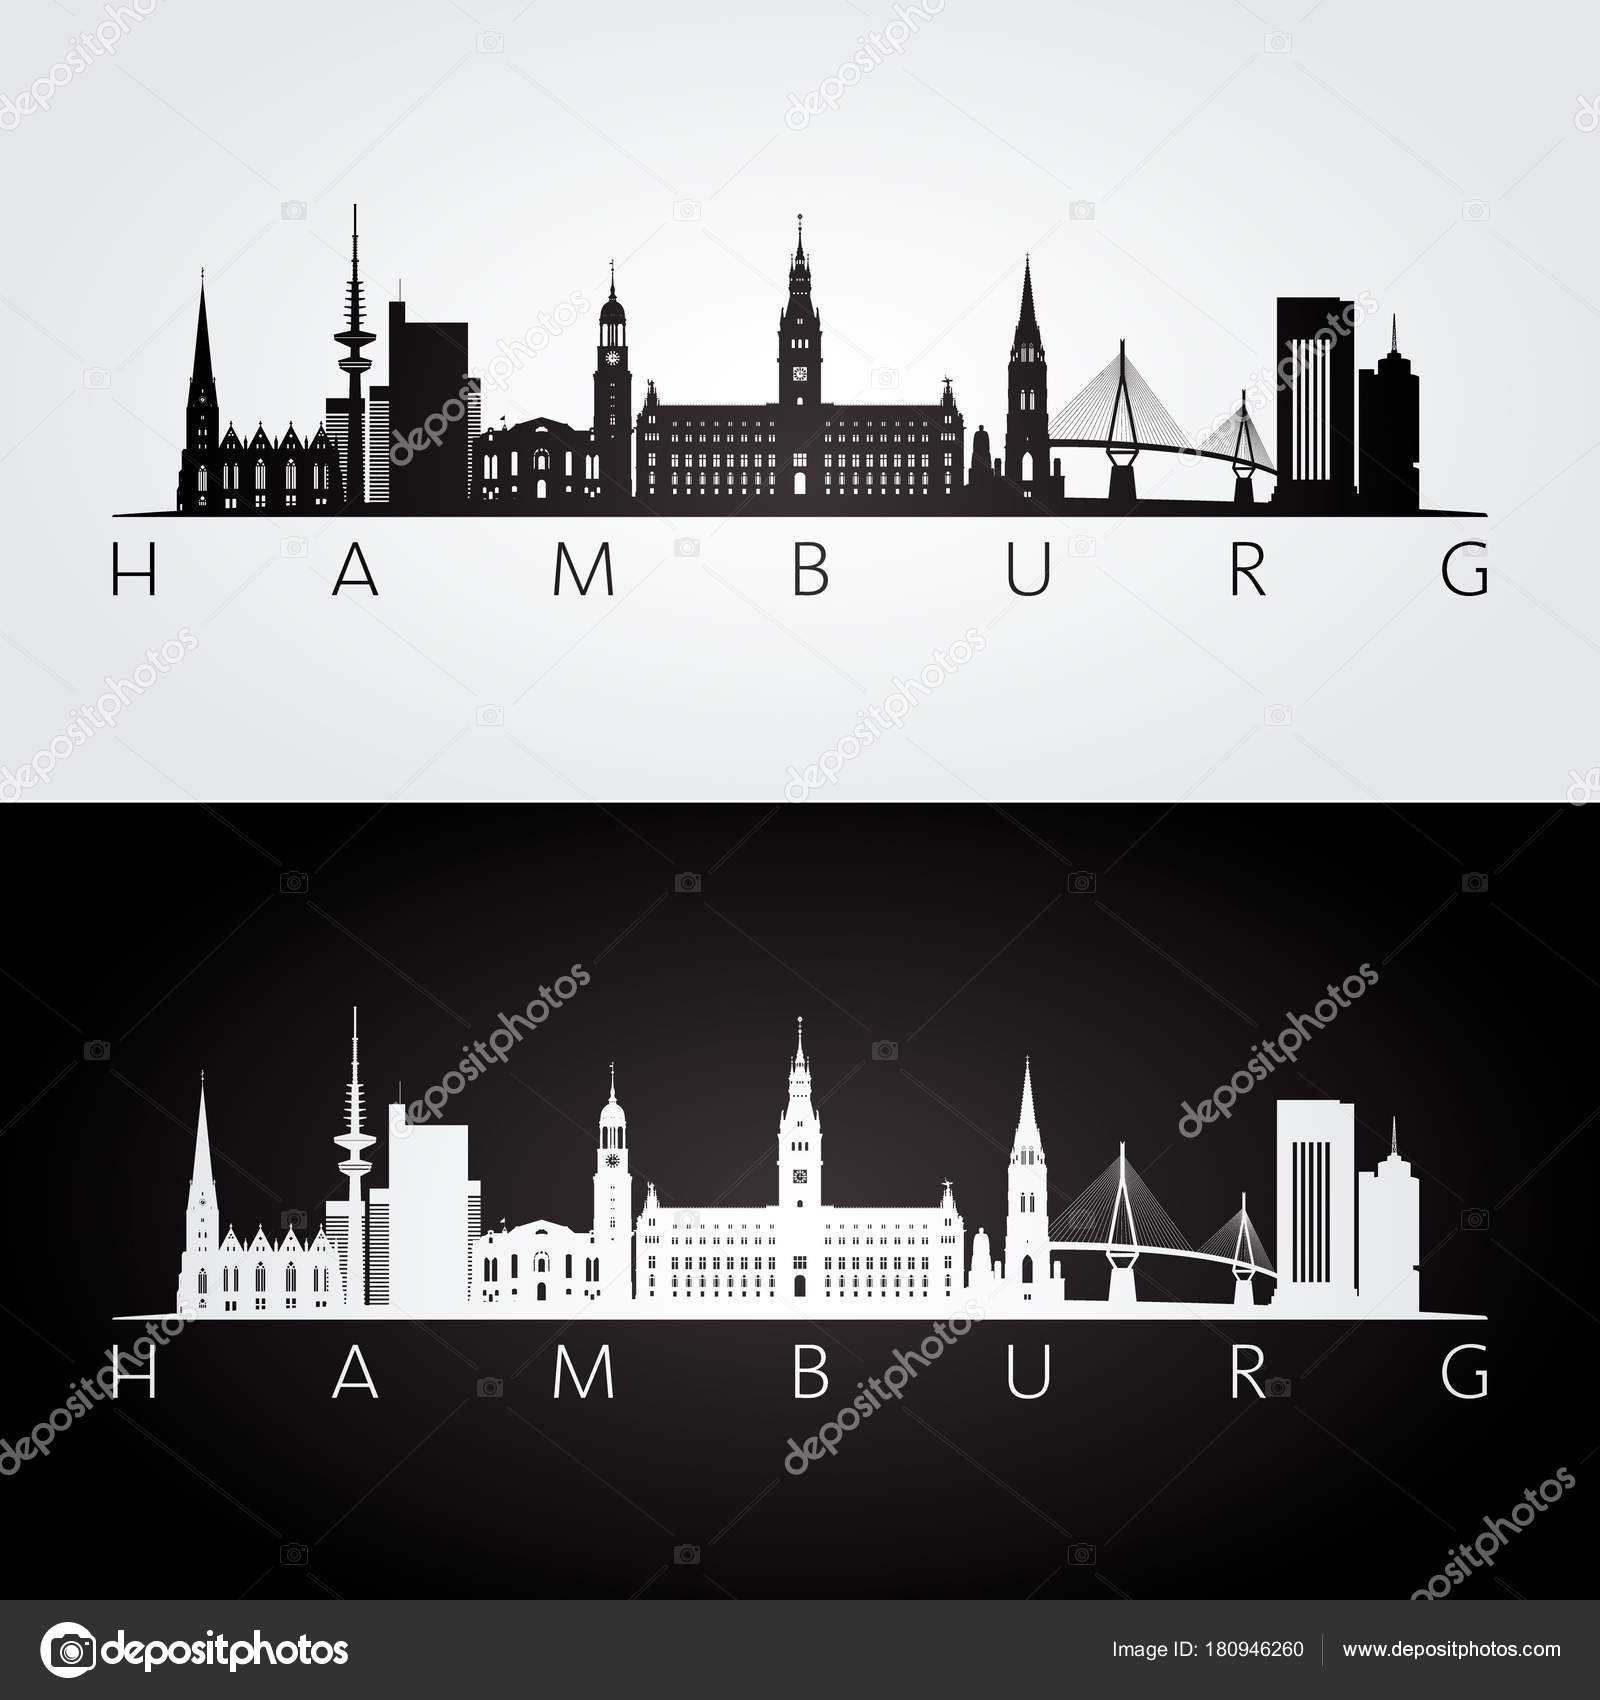 hamburg skyline und wahrzeichen silhouette schwarz wei design vektor illustration stockvektor. Black Bedroom Furniture Sets. Home Design Ideas